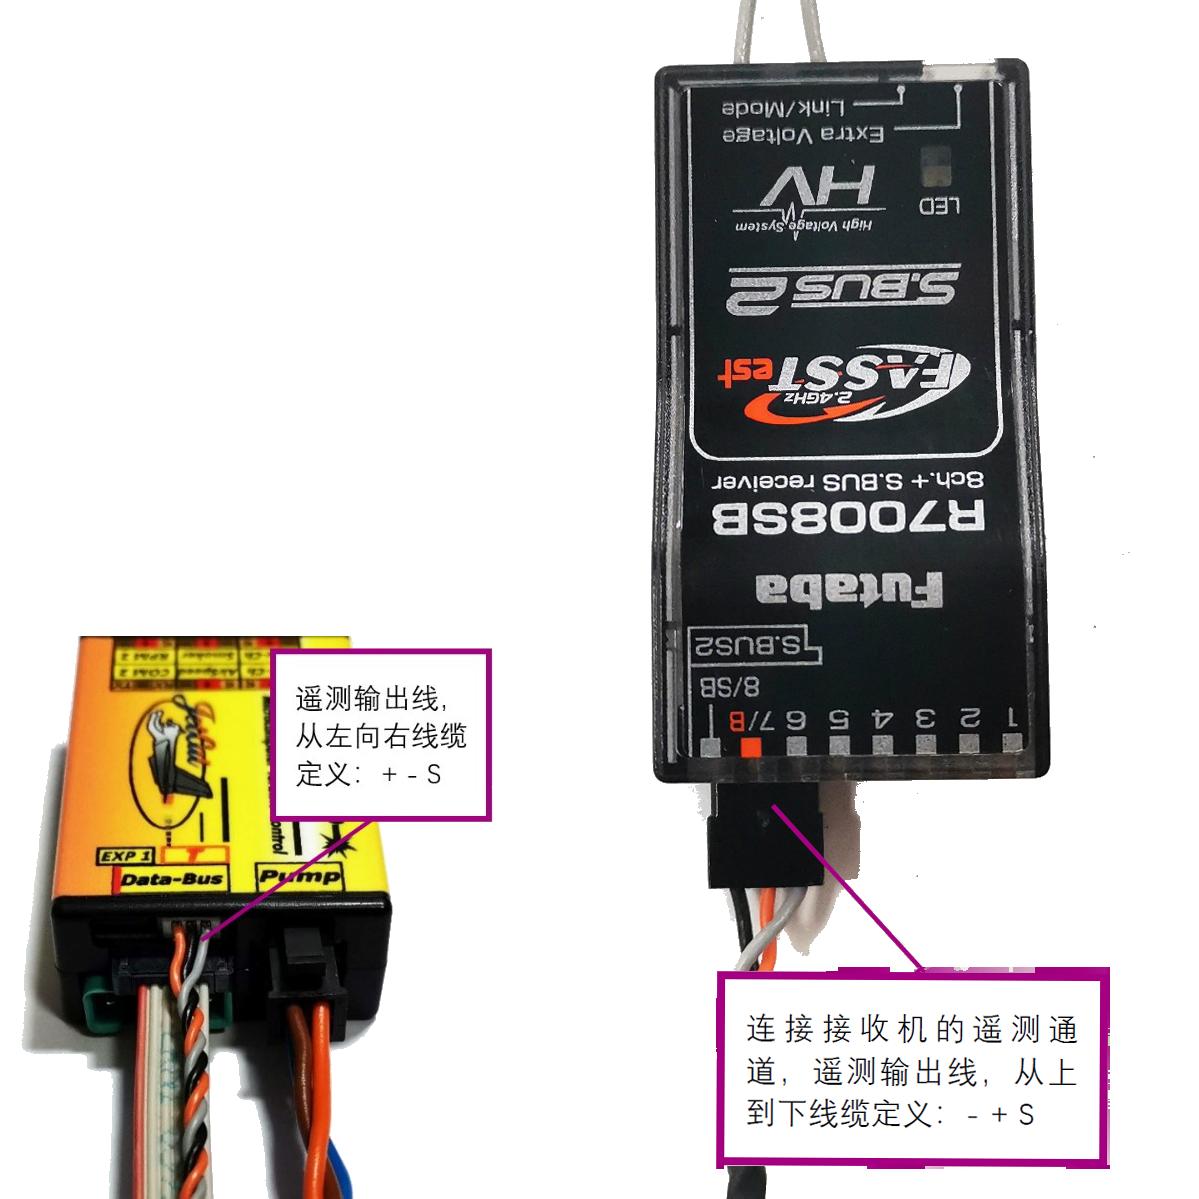 遥测适配器连接图